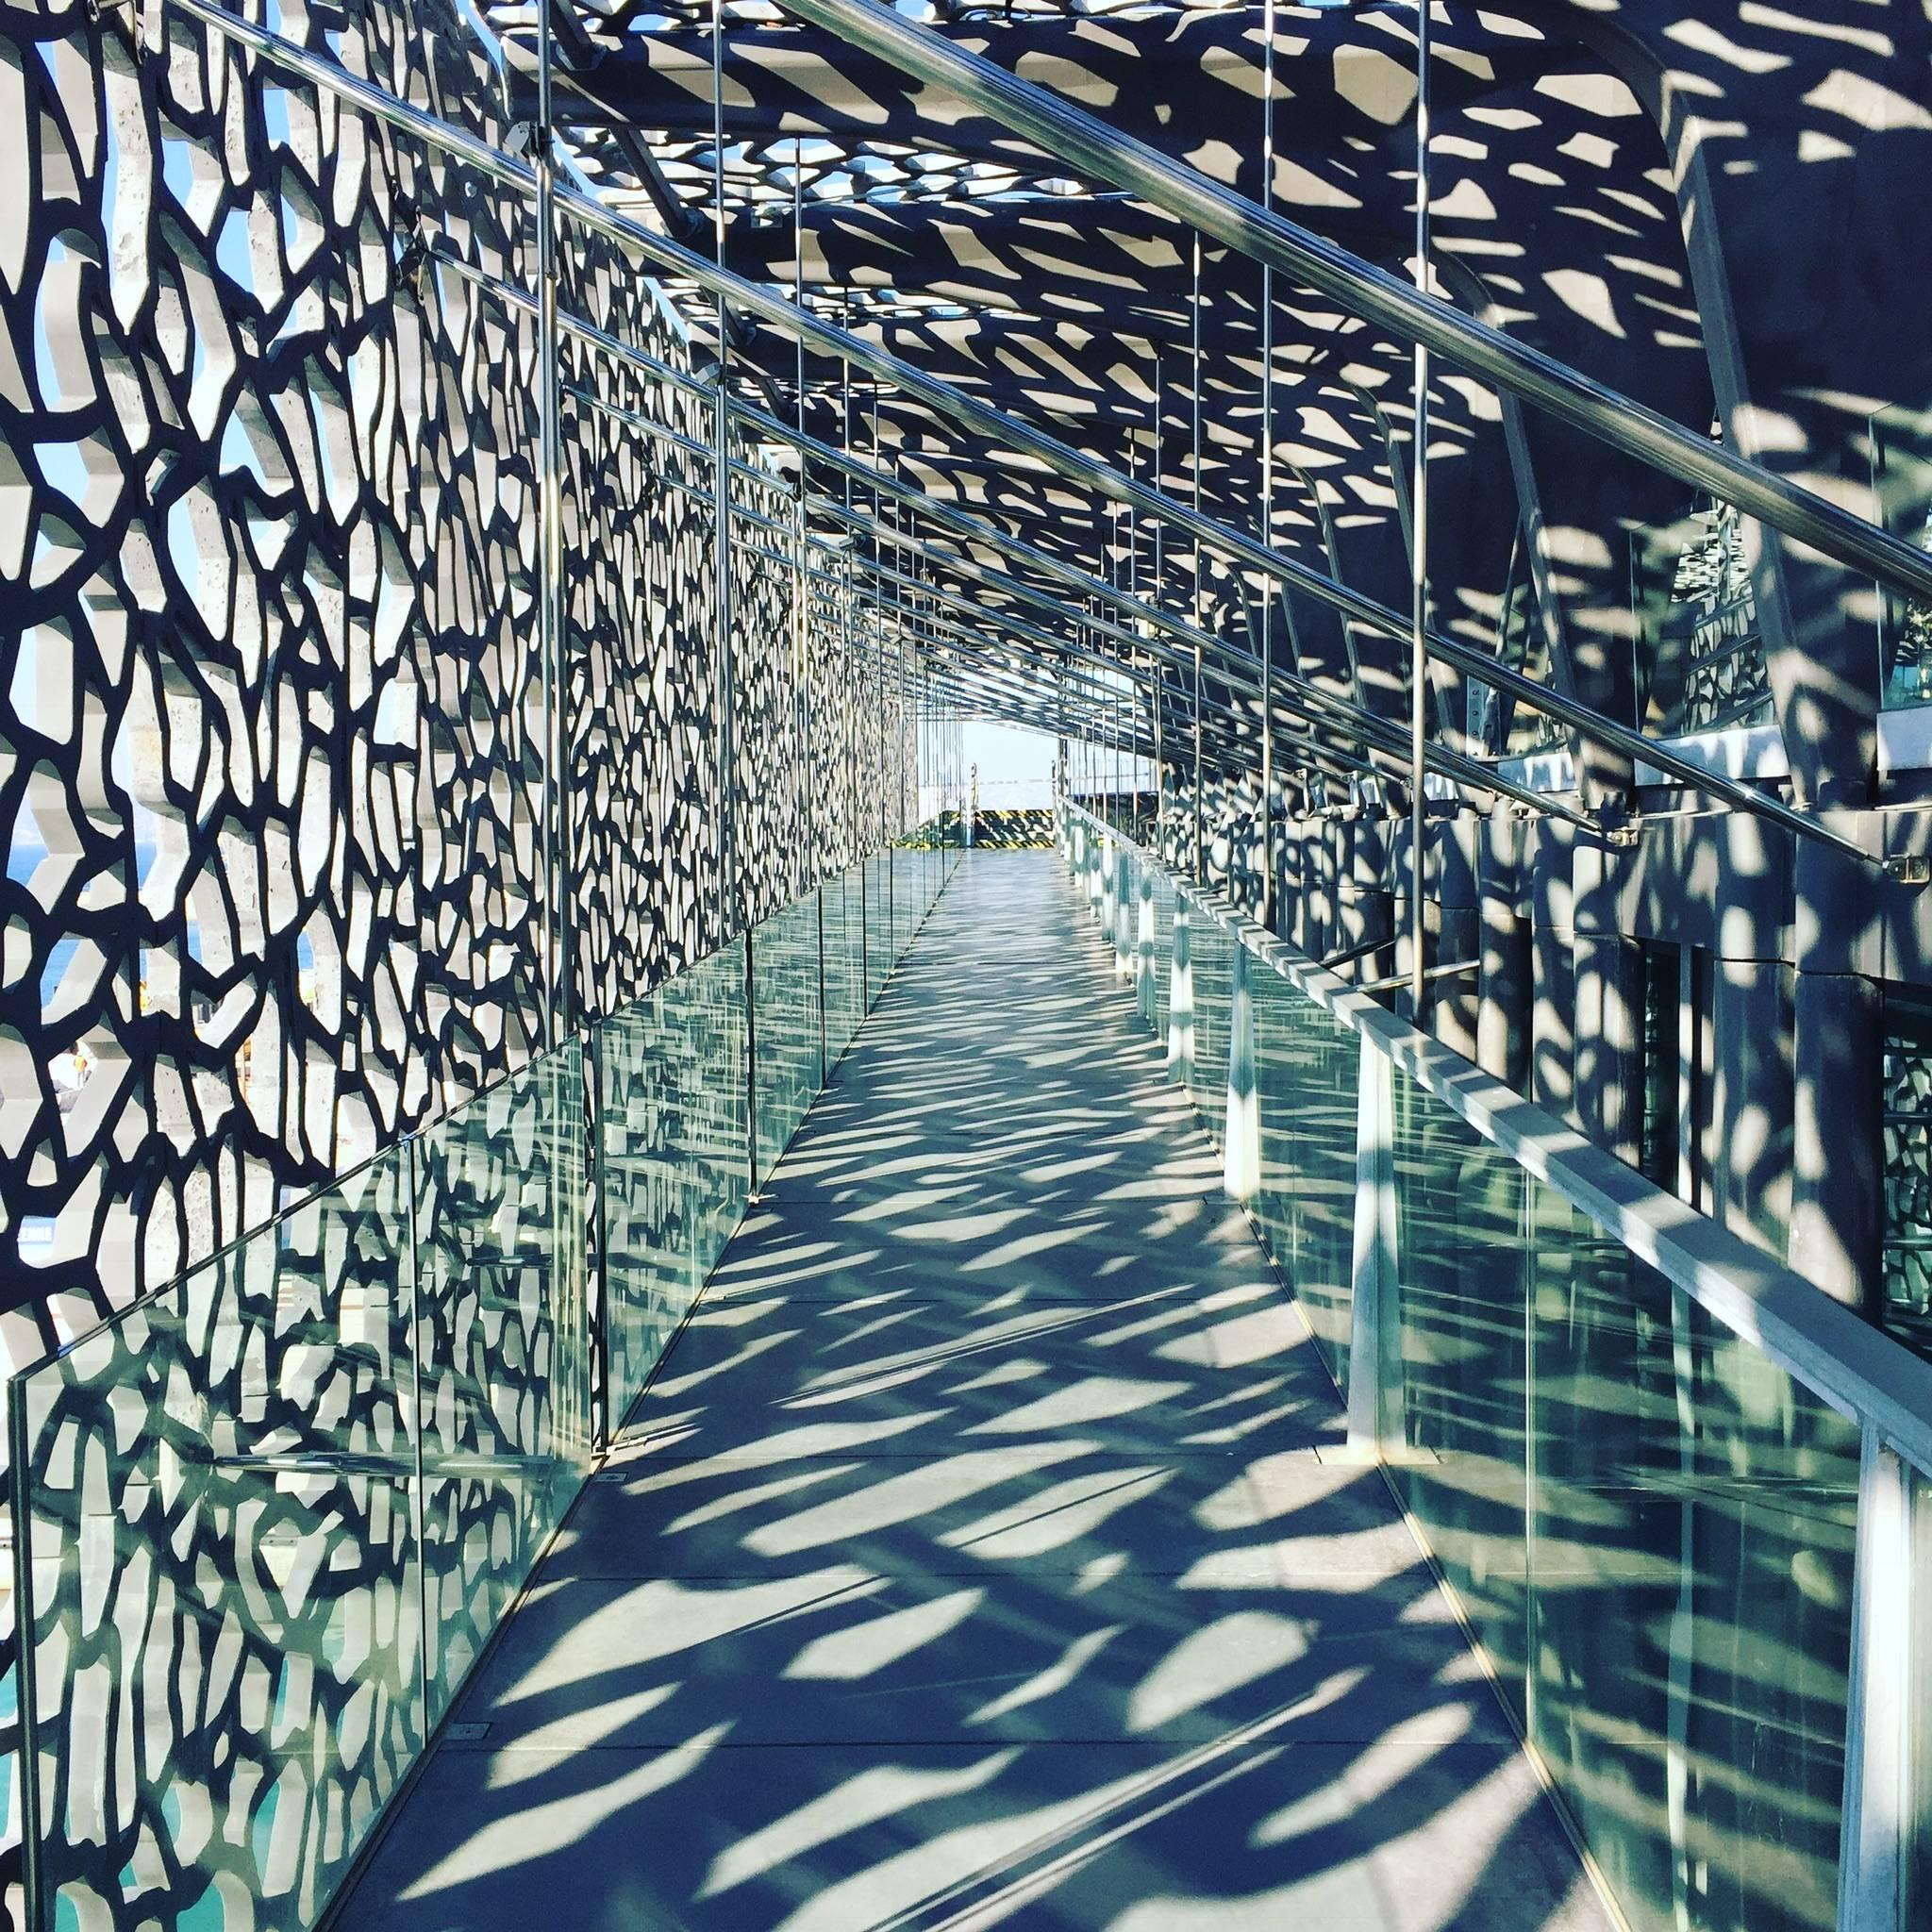 Photo 1: Mucem - Marseille